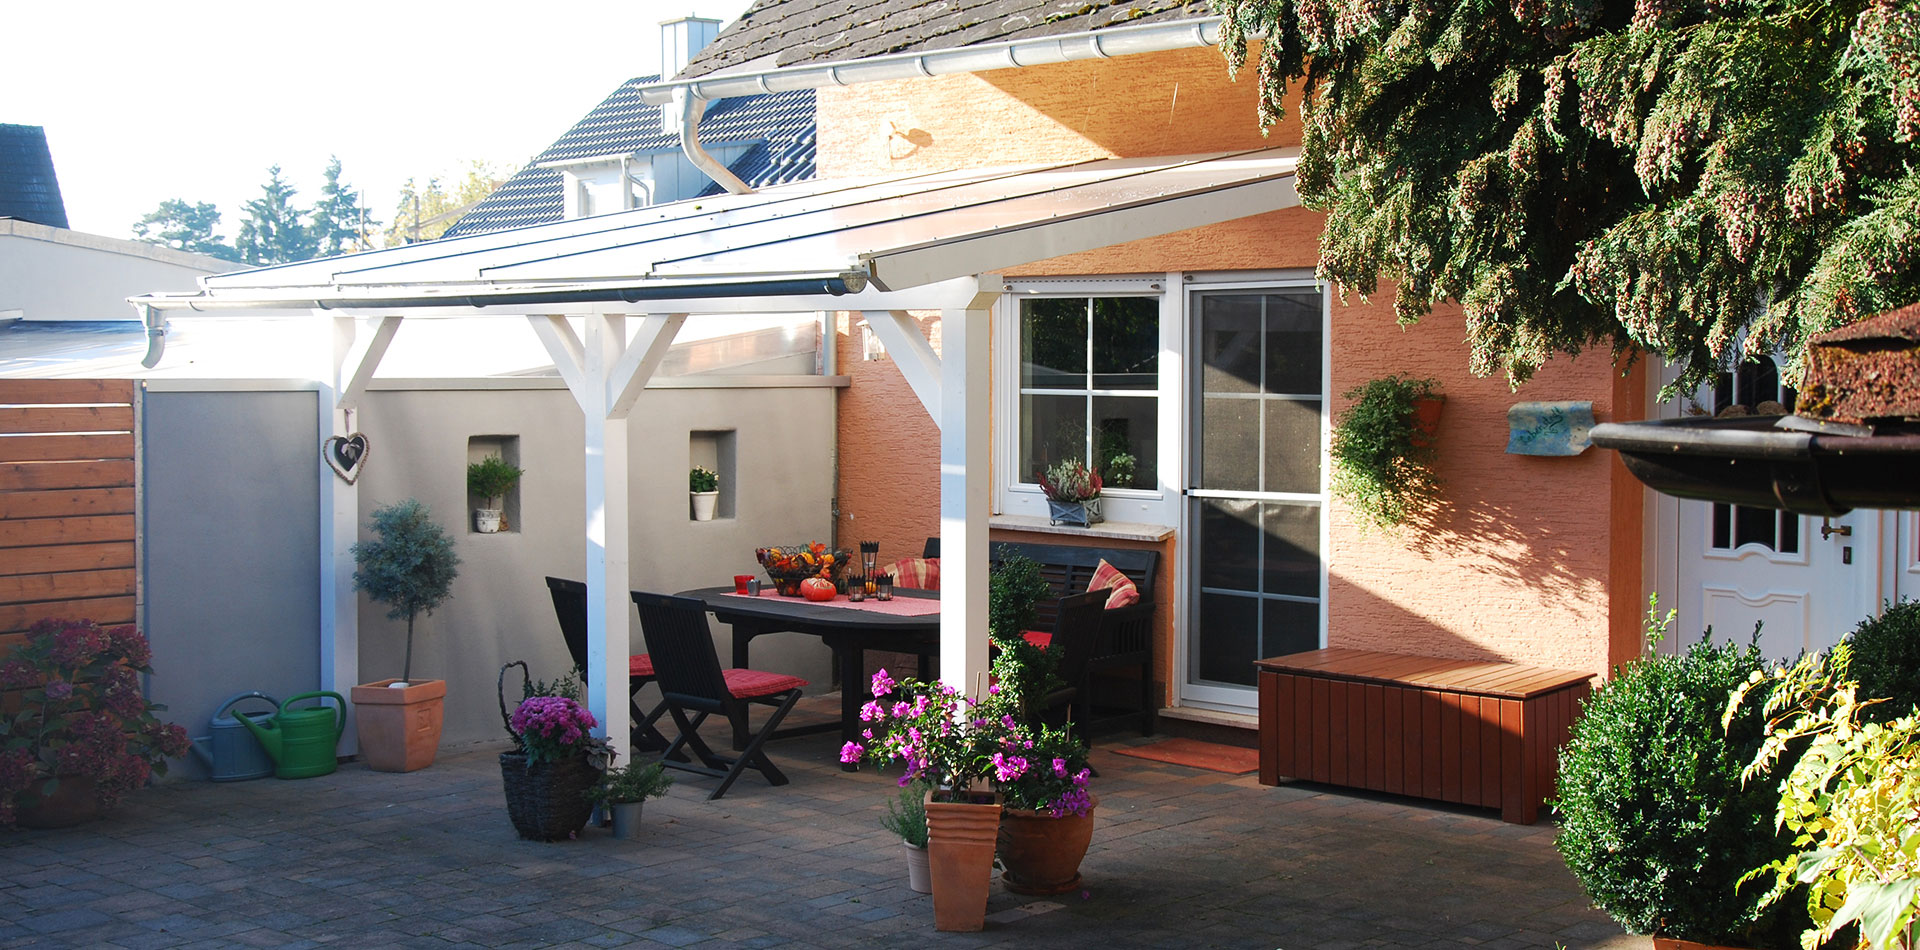 Terrassenüberdachung in Weiß mit gemütlicher Sitzecke